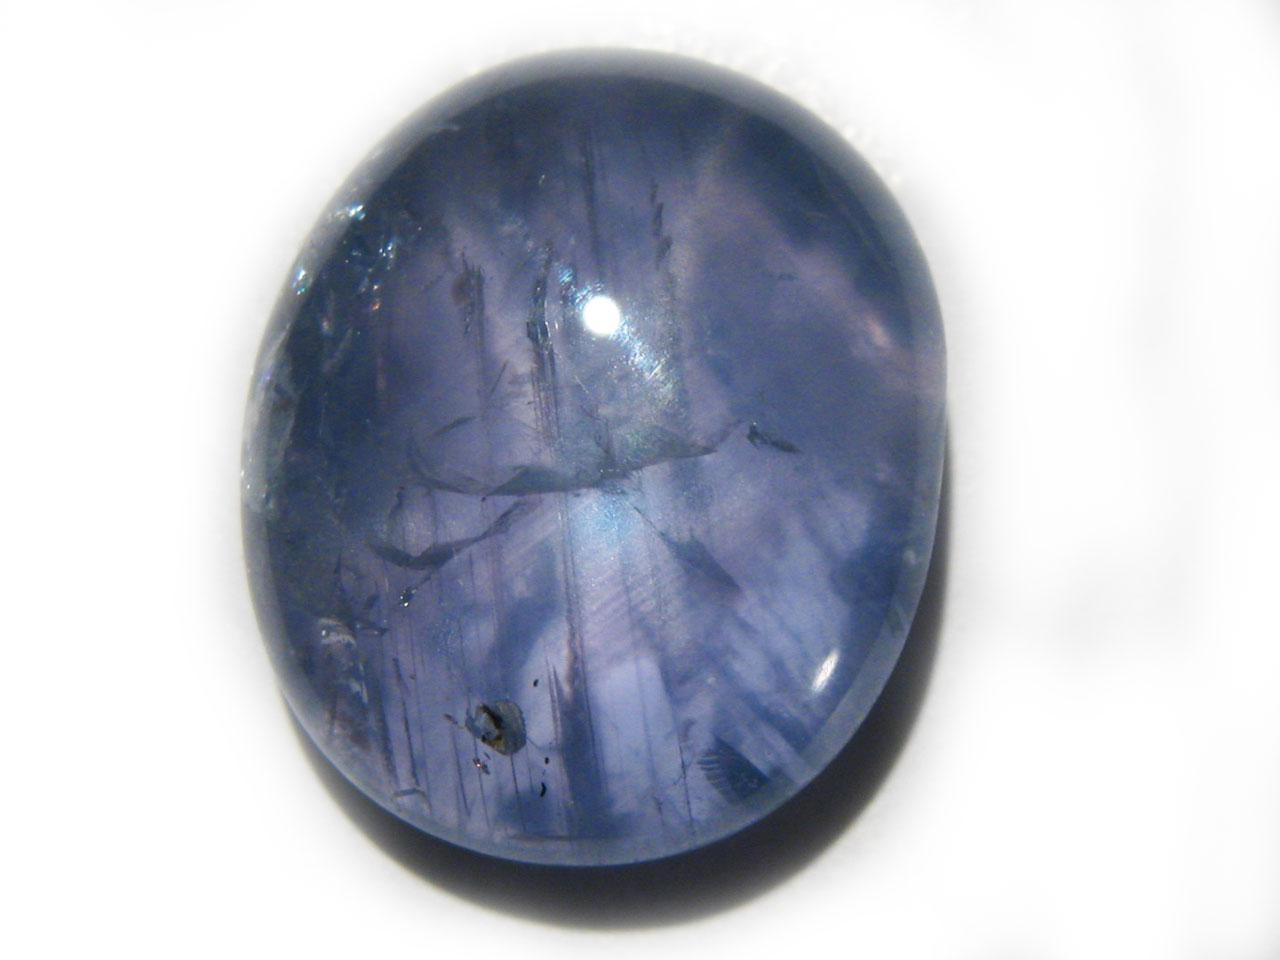 Burma Blue Star Sapphire - 9.68 cts - 14x11.7x5mm